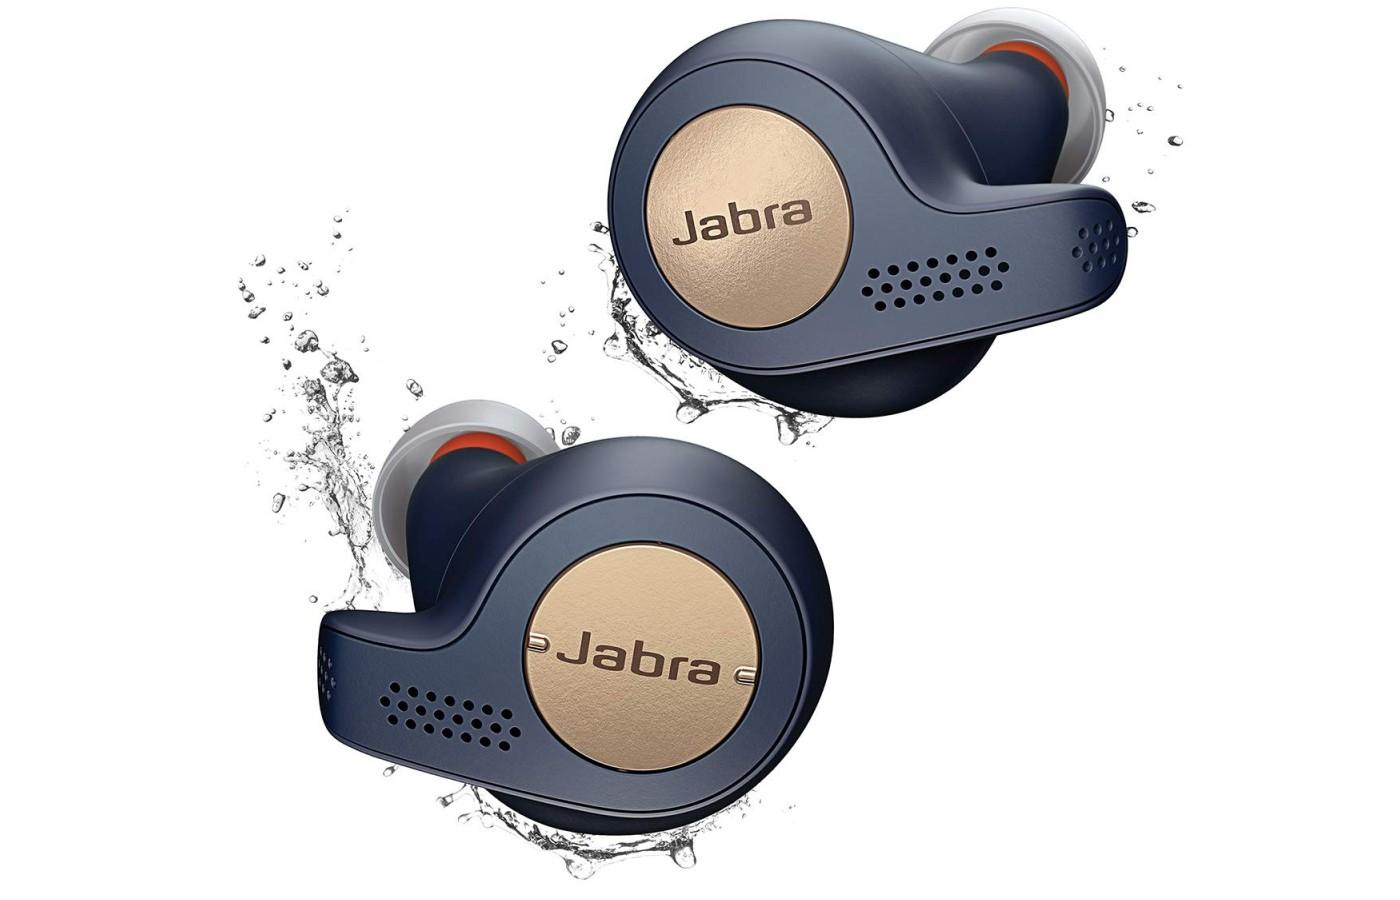 Jabra Elite Active 65t pair